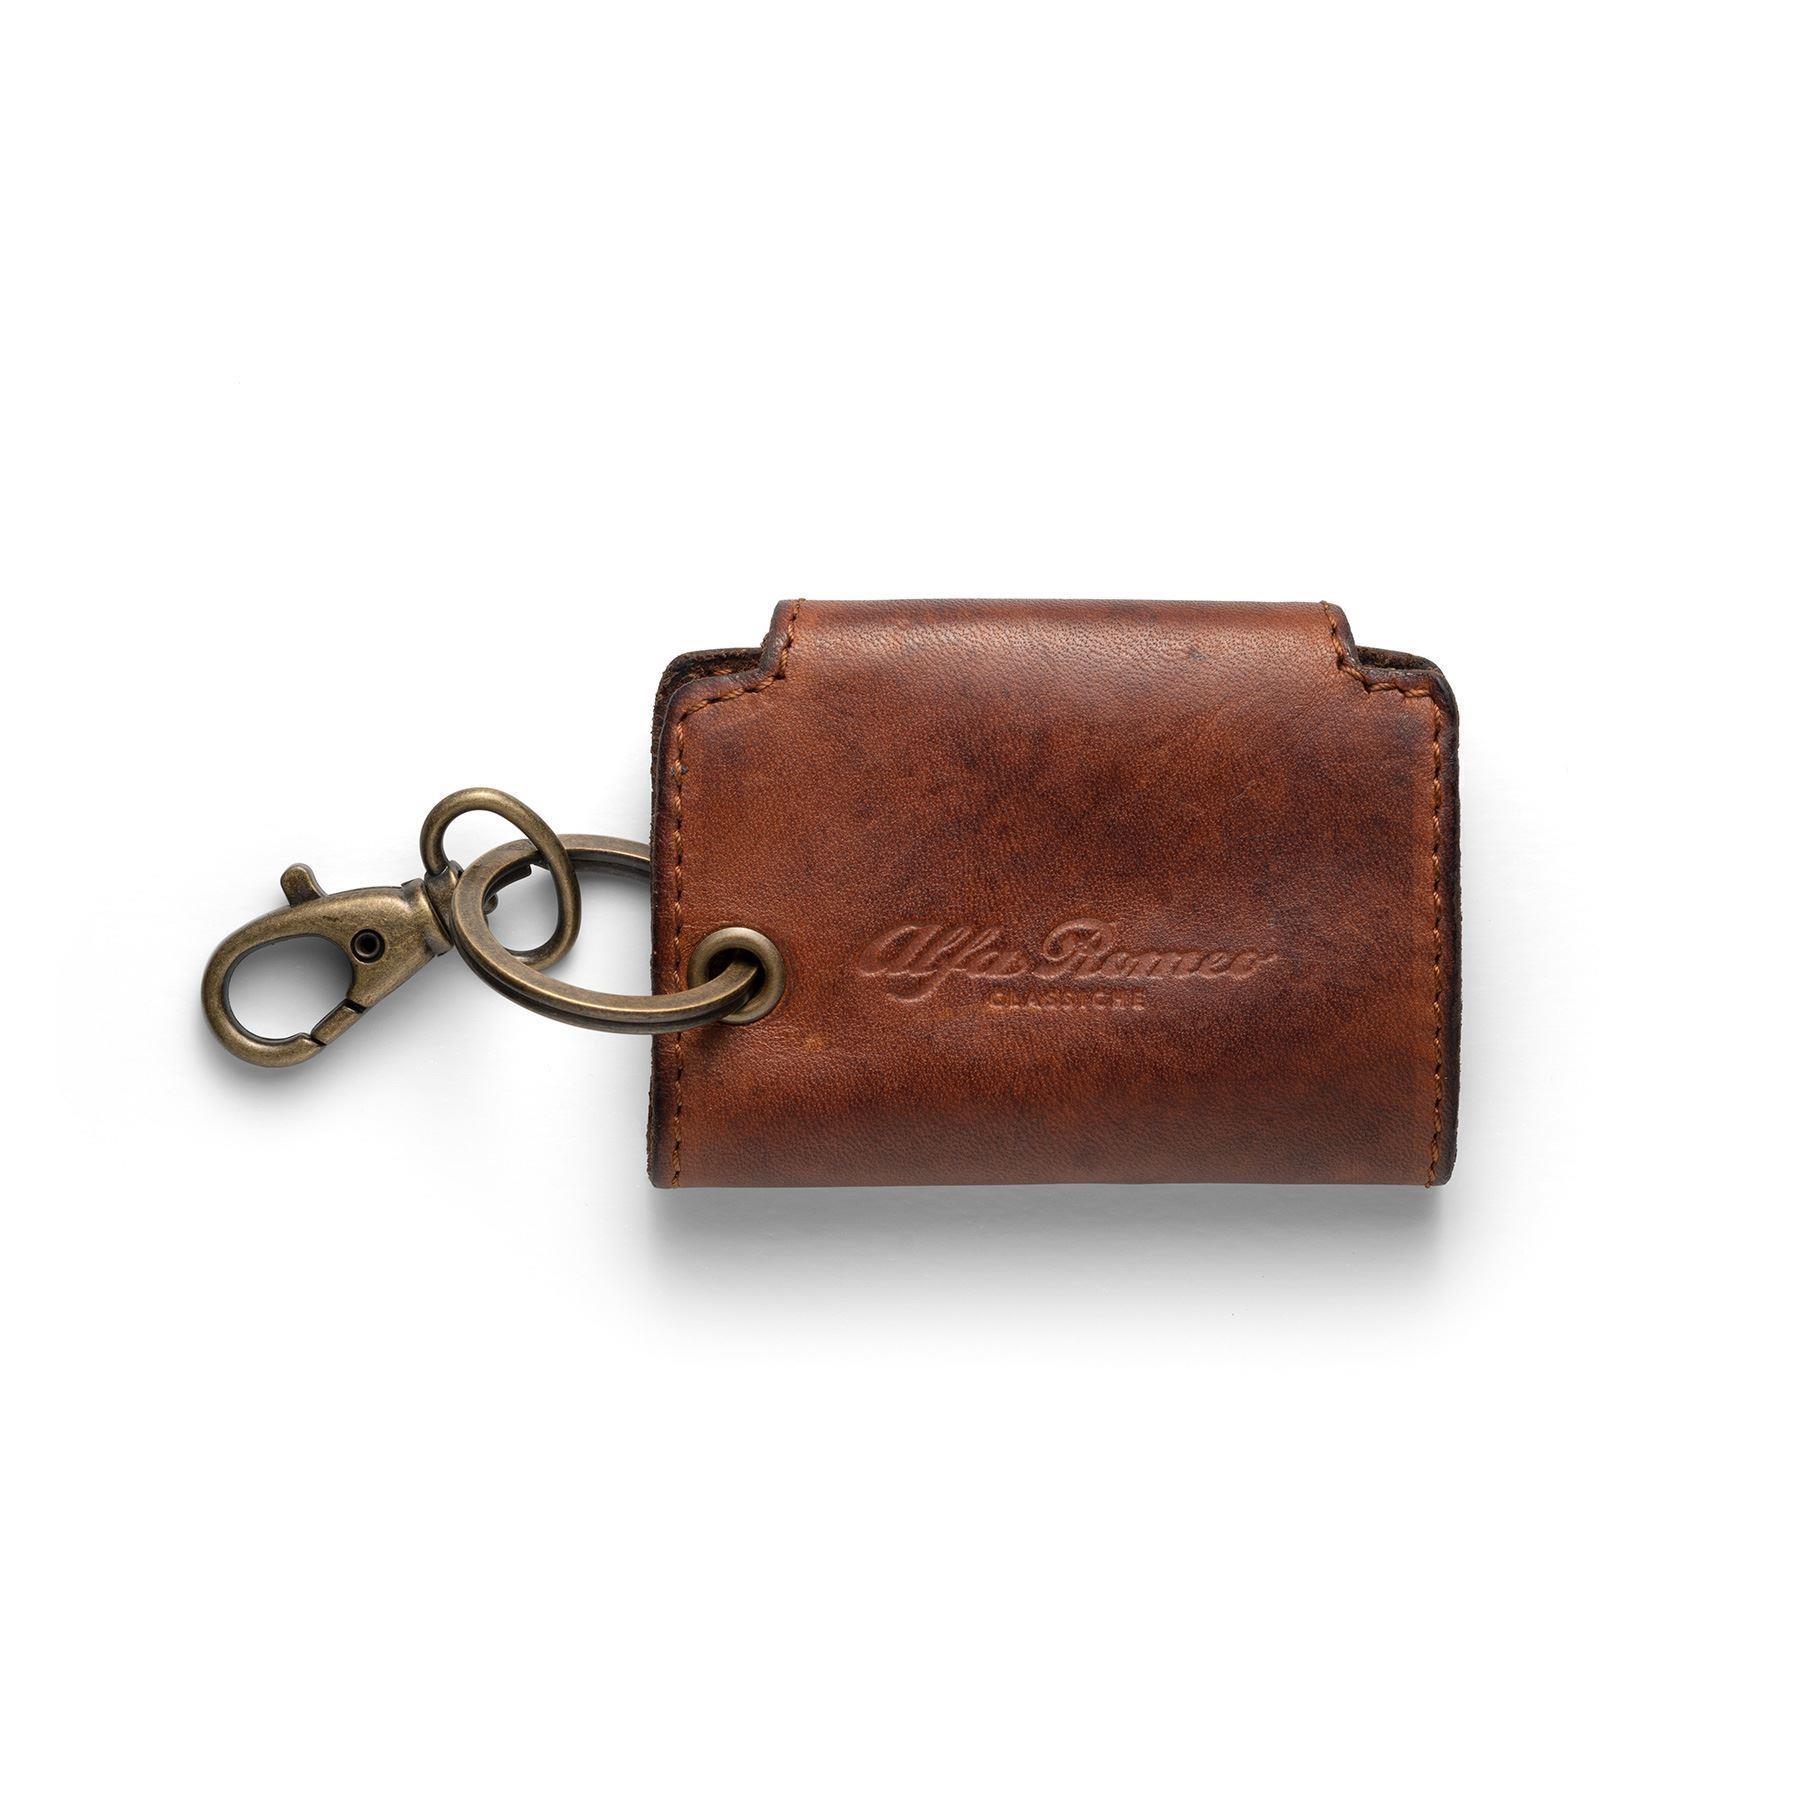 Heritage Logo'd Leather Key Case Keep Safe